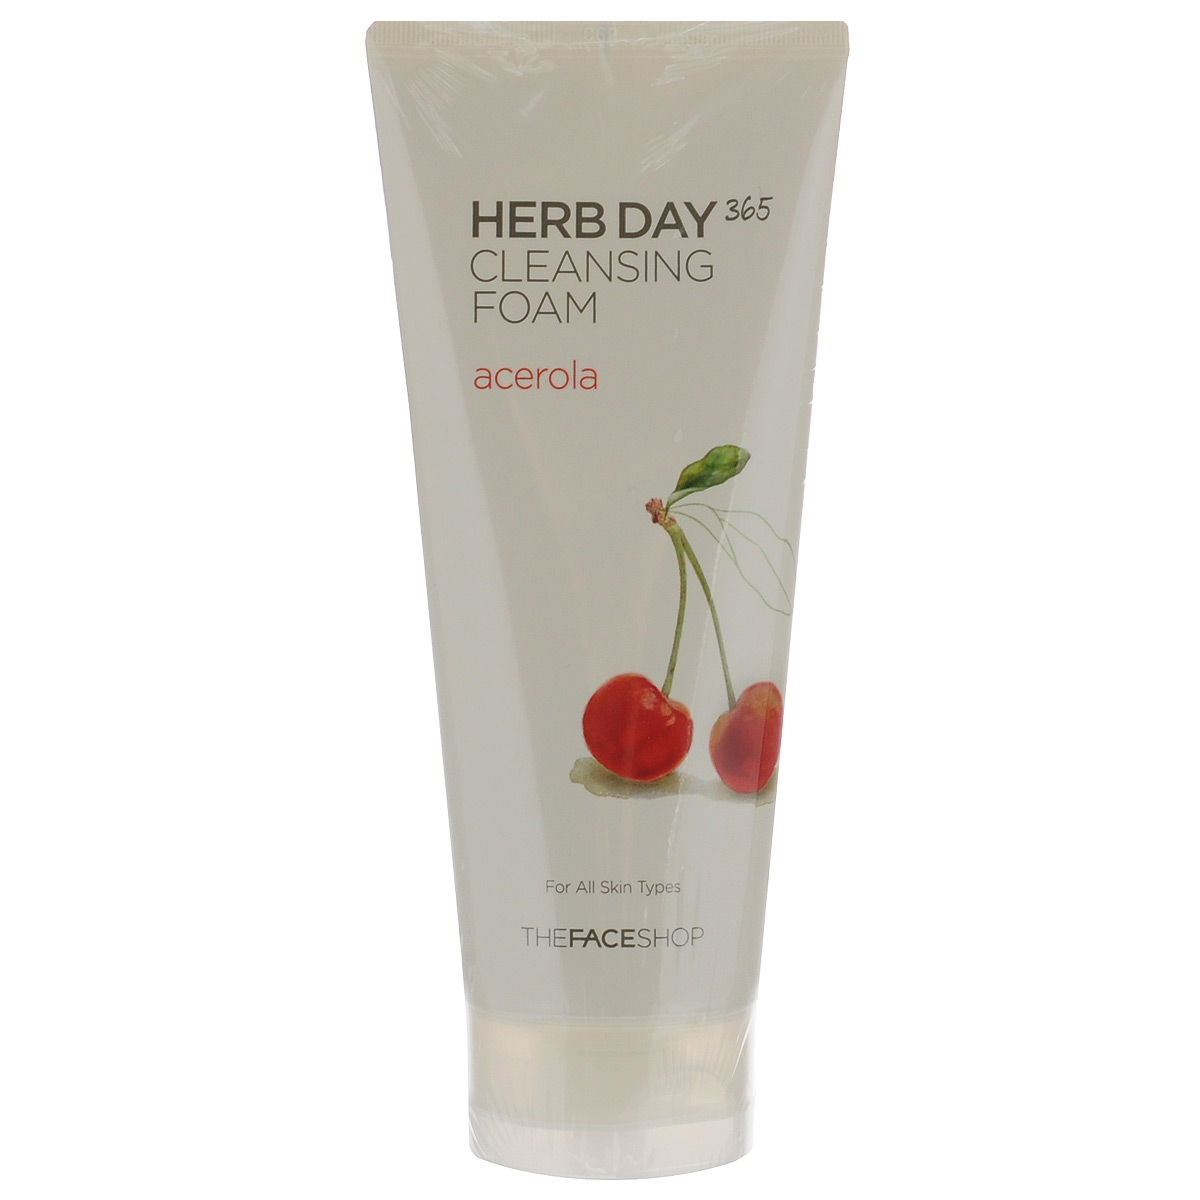 The Face Shop Пенка для умывания Herb Day 365, очищающая, с экстрактом ацеролы, для всех типов кожи, 170 млУТ000000798Любая кожа нуждается в нежном тщательном уходе. Насыщенная активными компонентами формула пенки очищает кожу от загрязнений, сохраняя при этом ее естественный жировой и водный баланс. Молочные протеины и лактоза активно питают клетки кожи, позволяя надолго сохранить красоту и молодость, а экстракт вишни защищает от воздействия свободных радикалов. Благодаря входящим в состав фруктовым кислотам, роговой слой становится более упругим и эластичным, а на коже разглаживаются мелкие морщины. Товар сертифицирован.